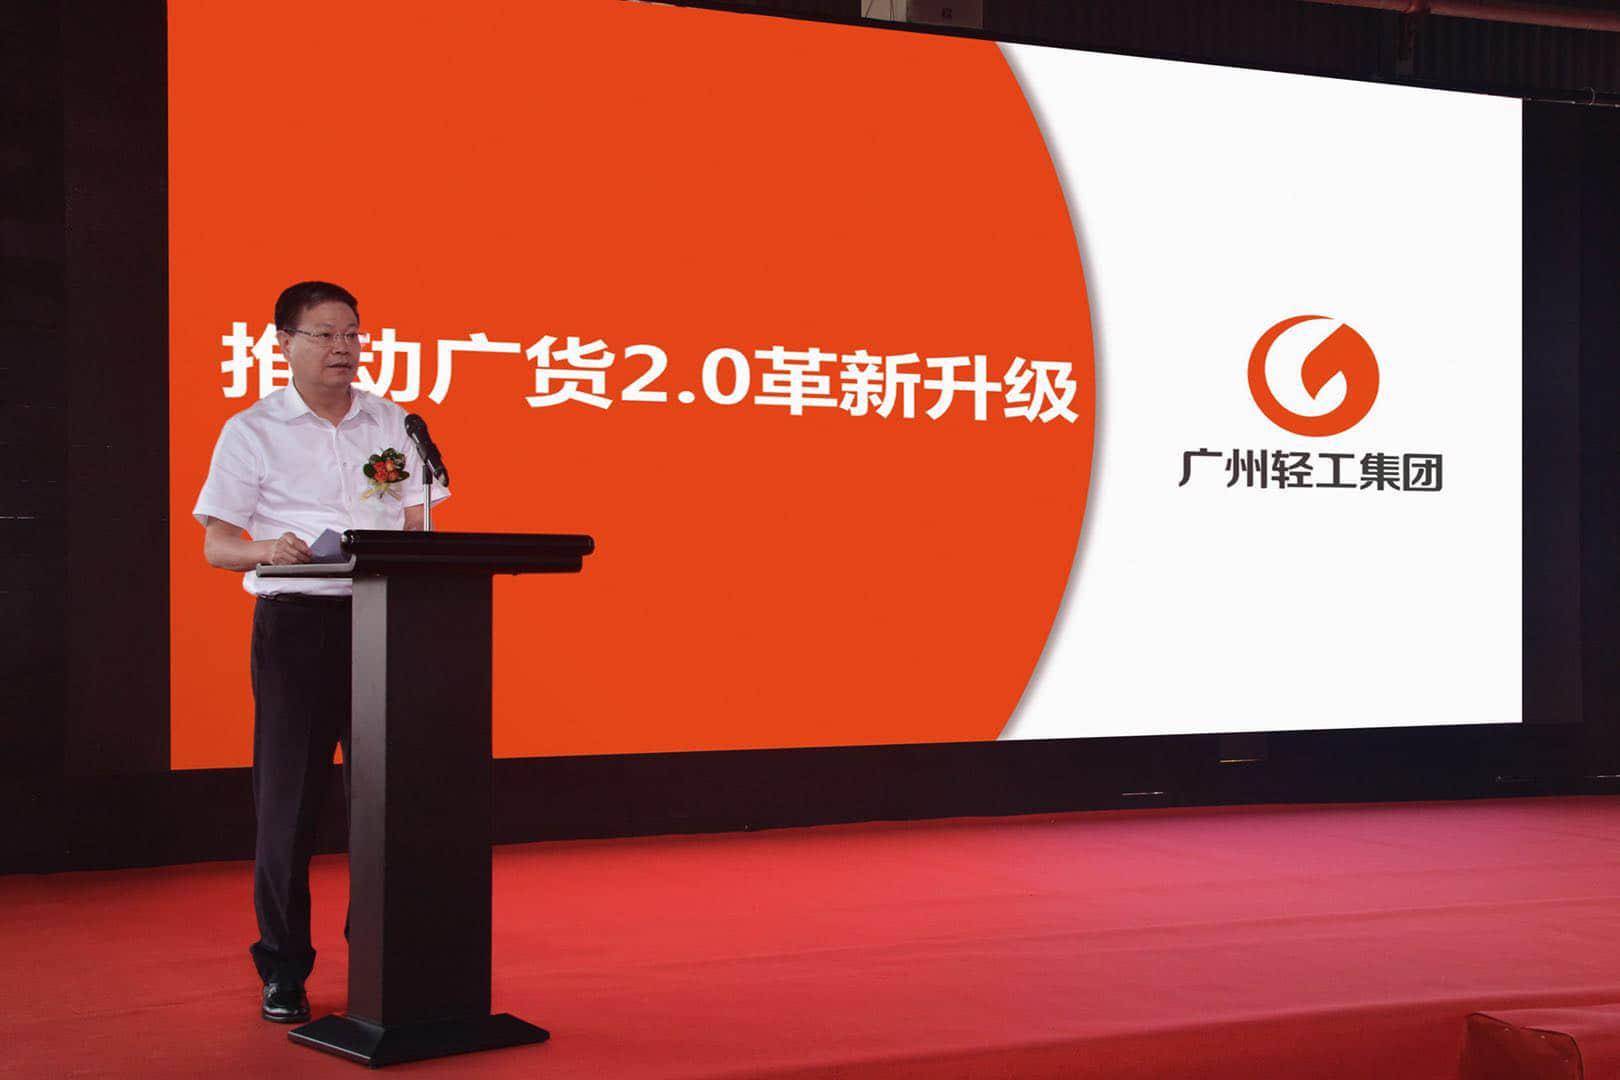 广州轻工集团党委书记、董事长方贵权表示:未来广州轻工集团将和各方一起共同努力推动广货的繁荣复兴。